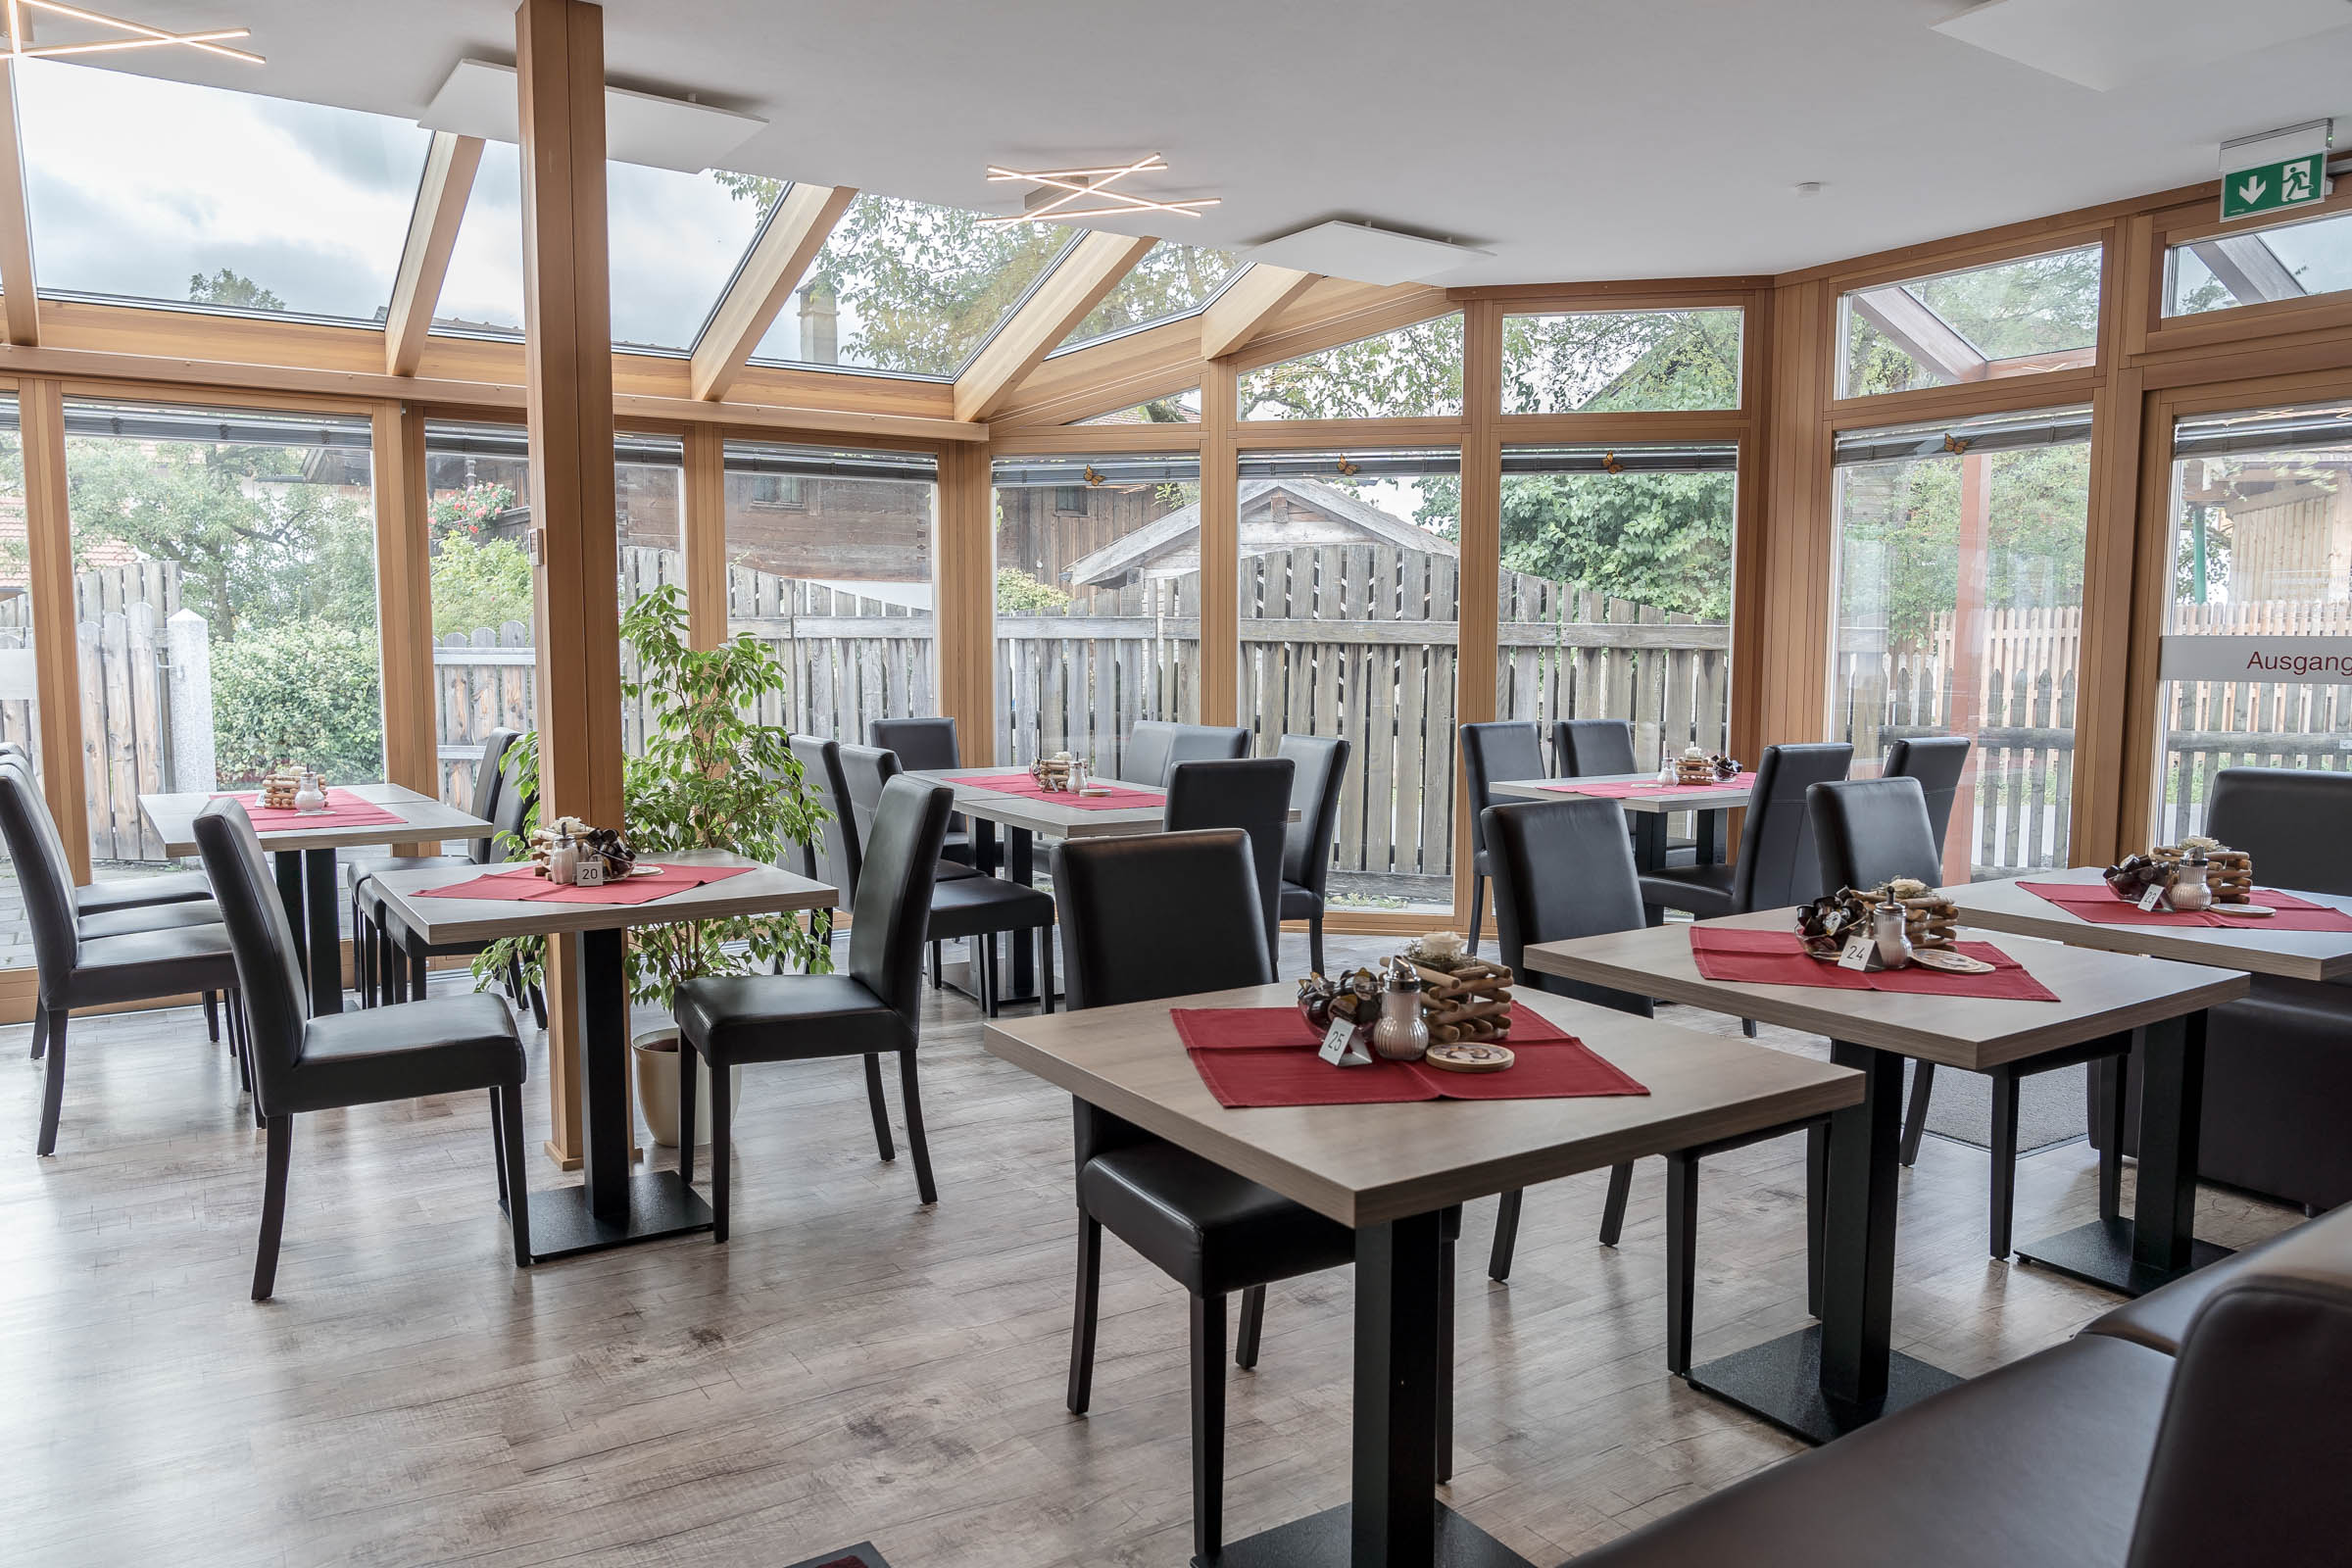 Hotel Cafe Hanfstingl Speisesaal